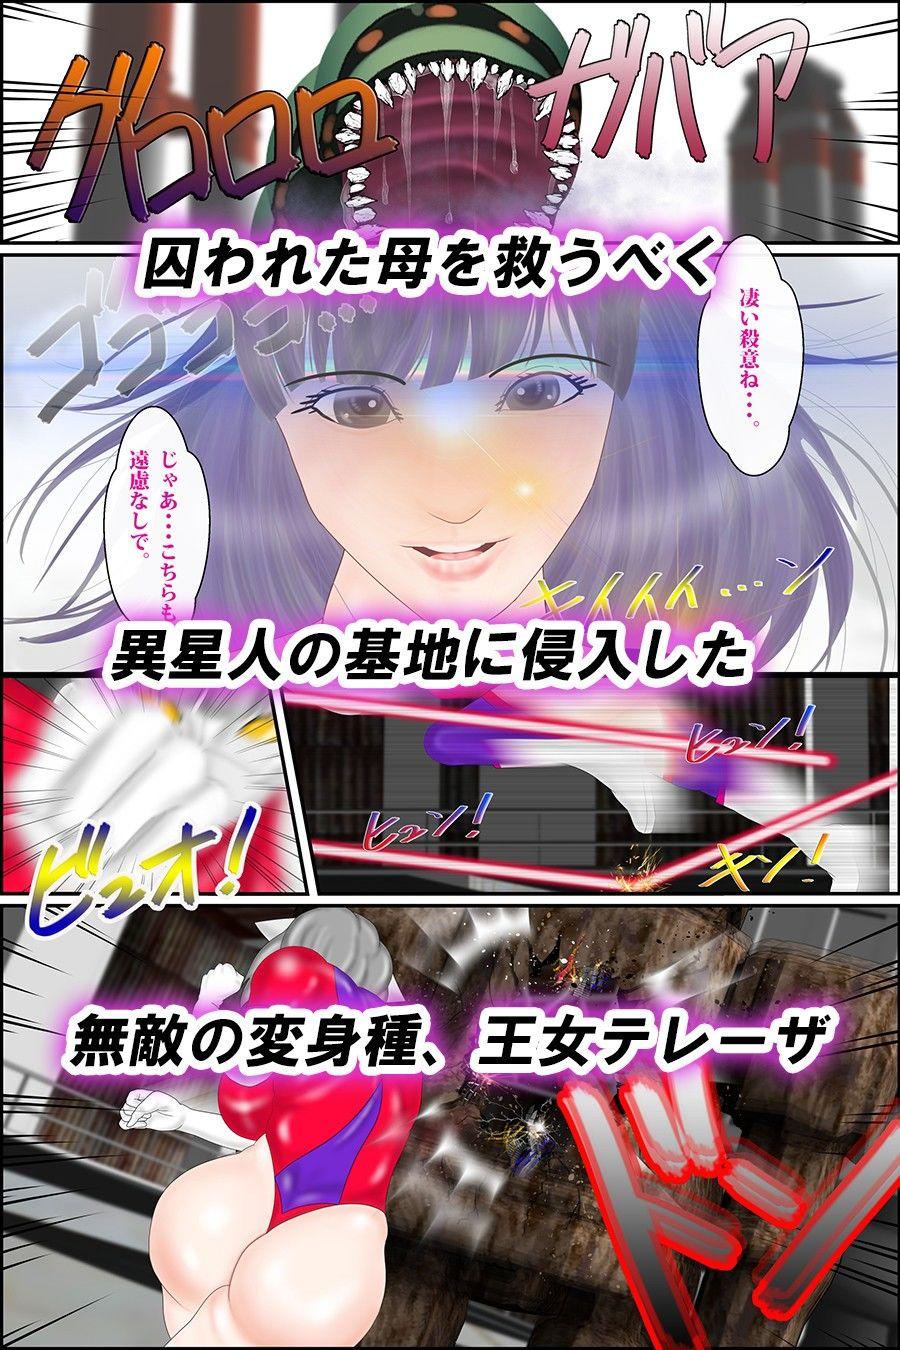 同人ガール:[同人]「母娘ヒロイン 強制交配ウテルス 前編」(えすけーぷ!)